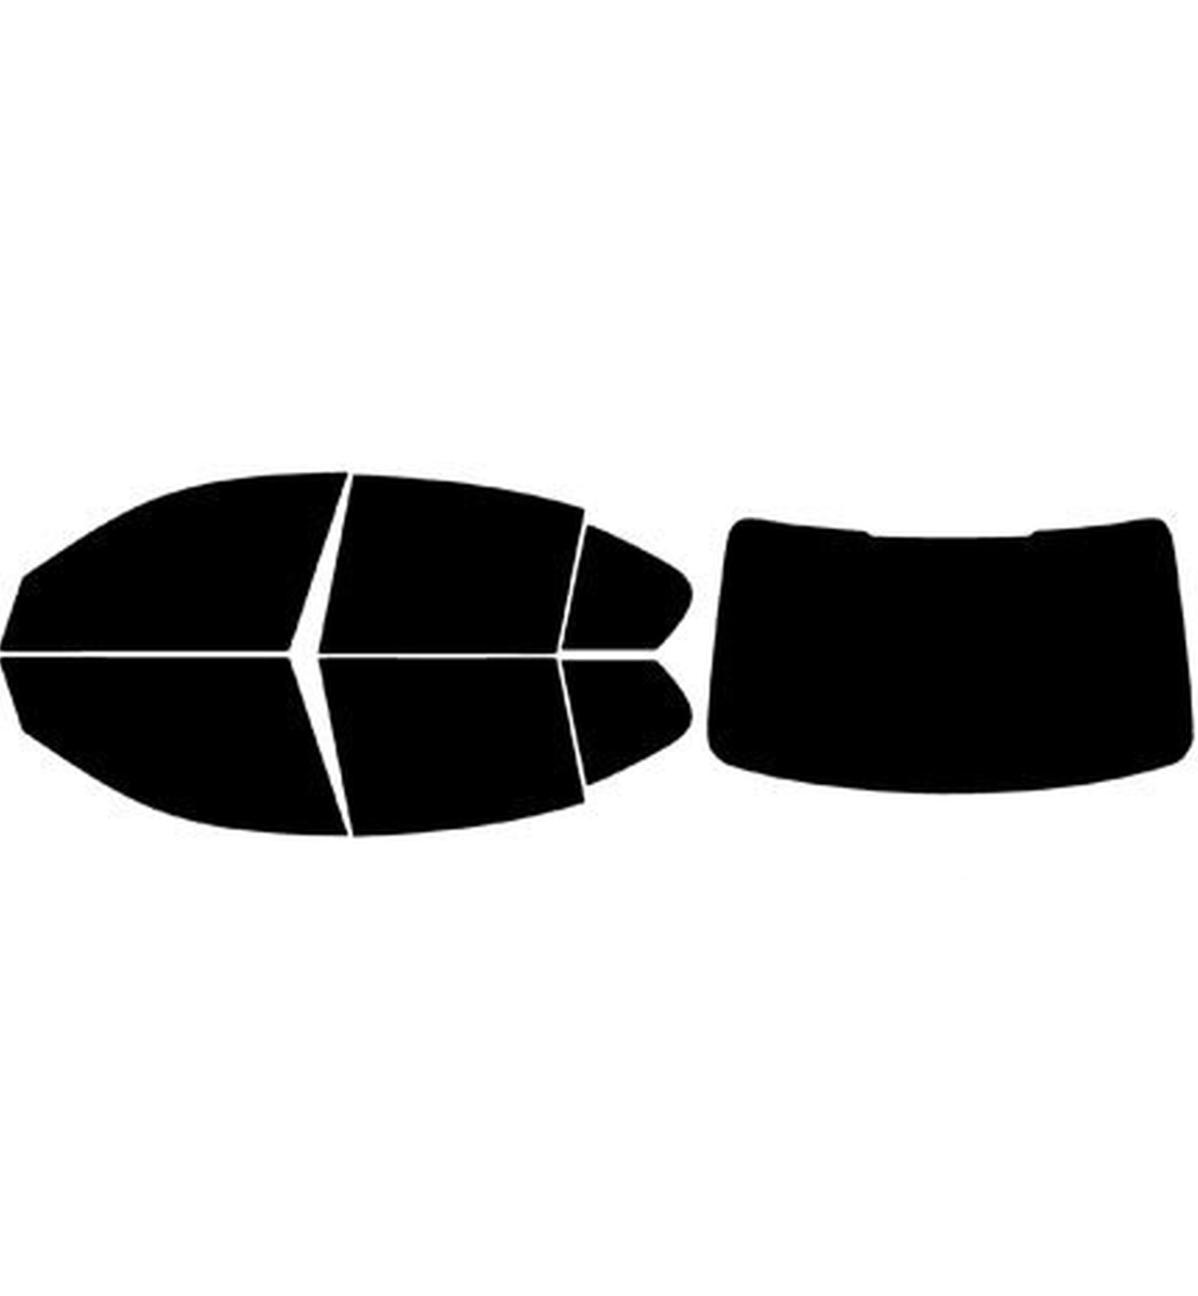 Car (Basic film)